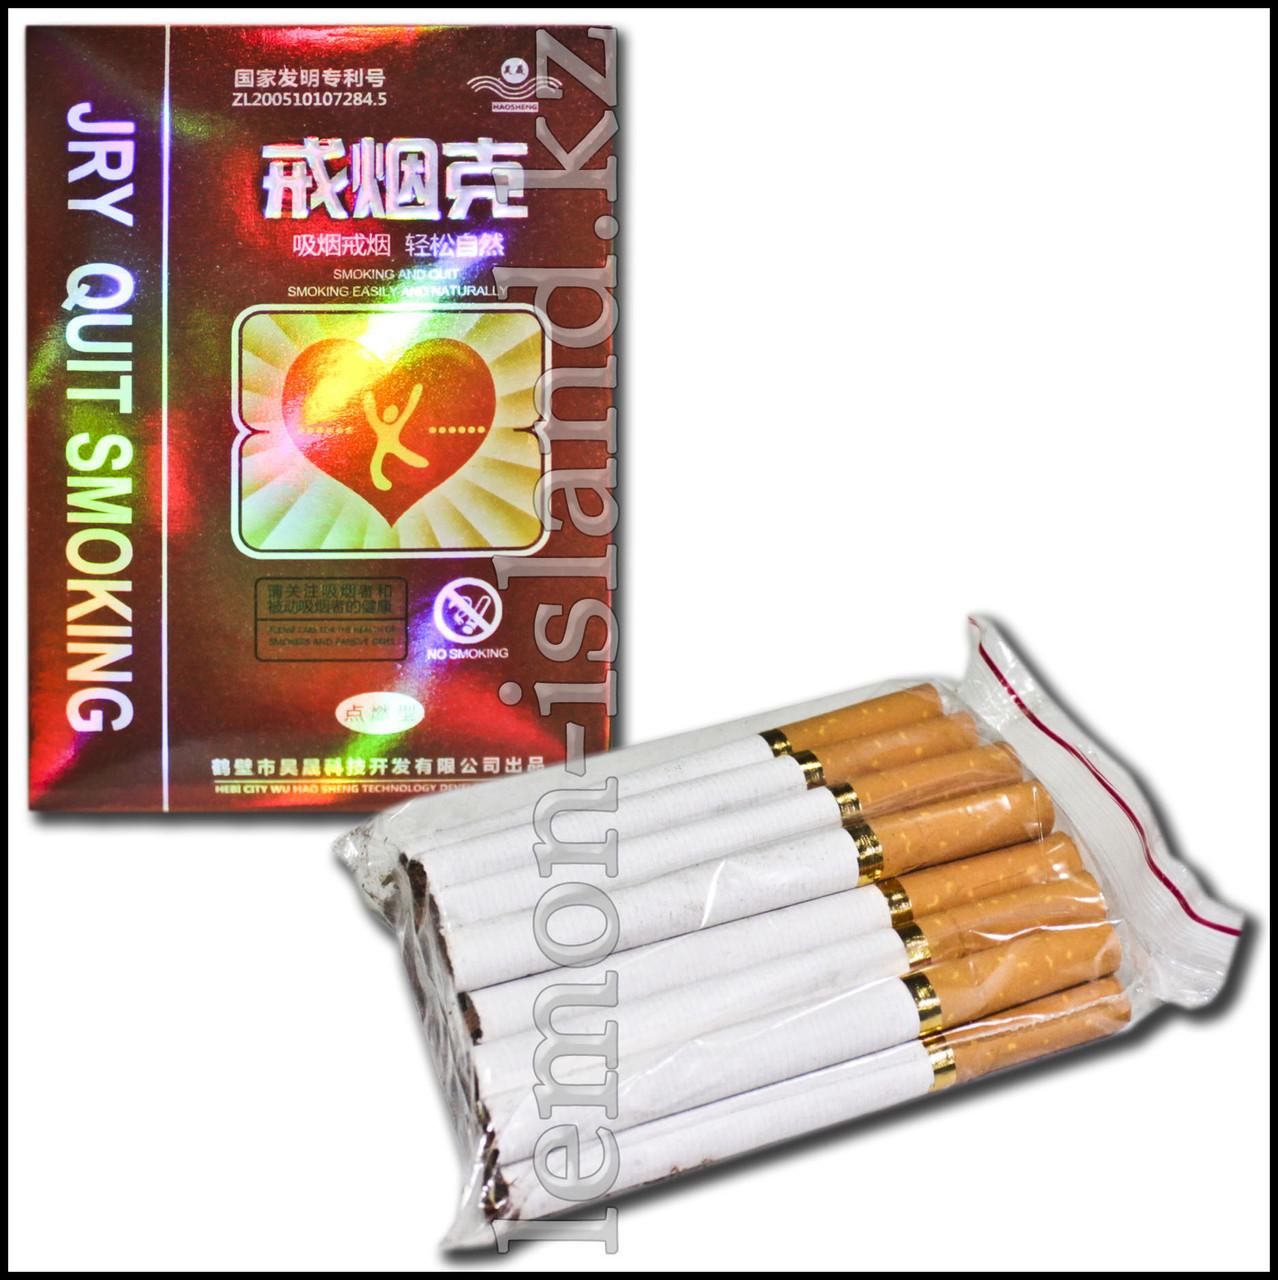 Сигареты жаде купить интернет магазин rothmans international сигареты купить в